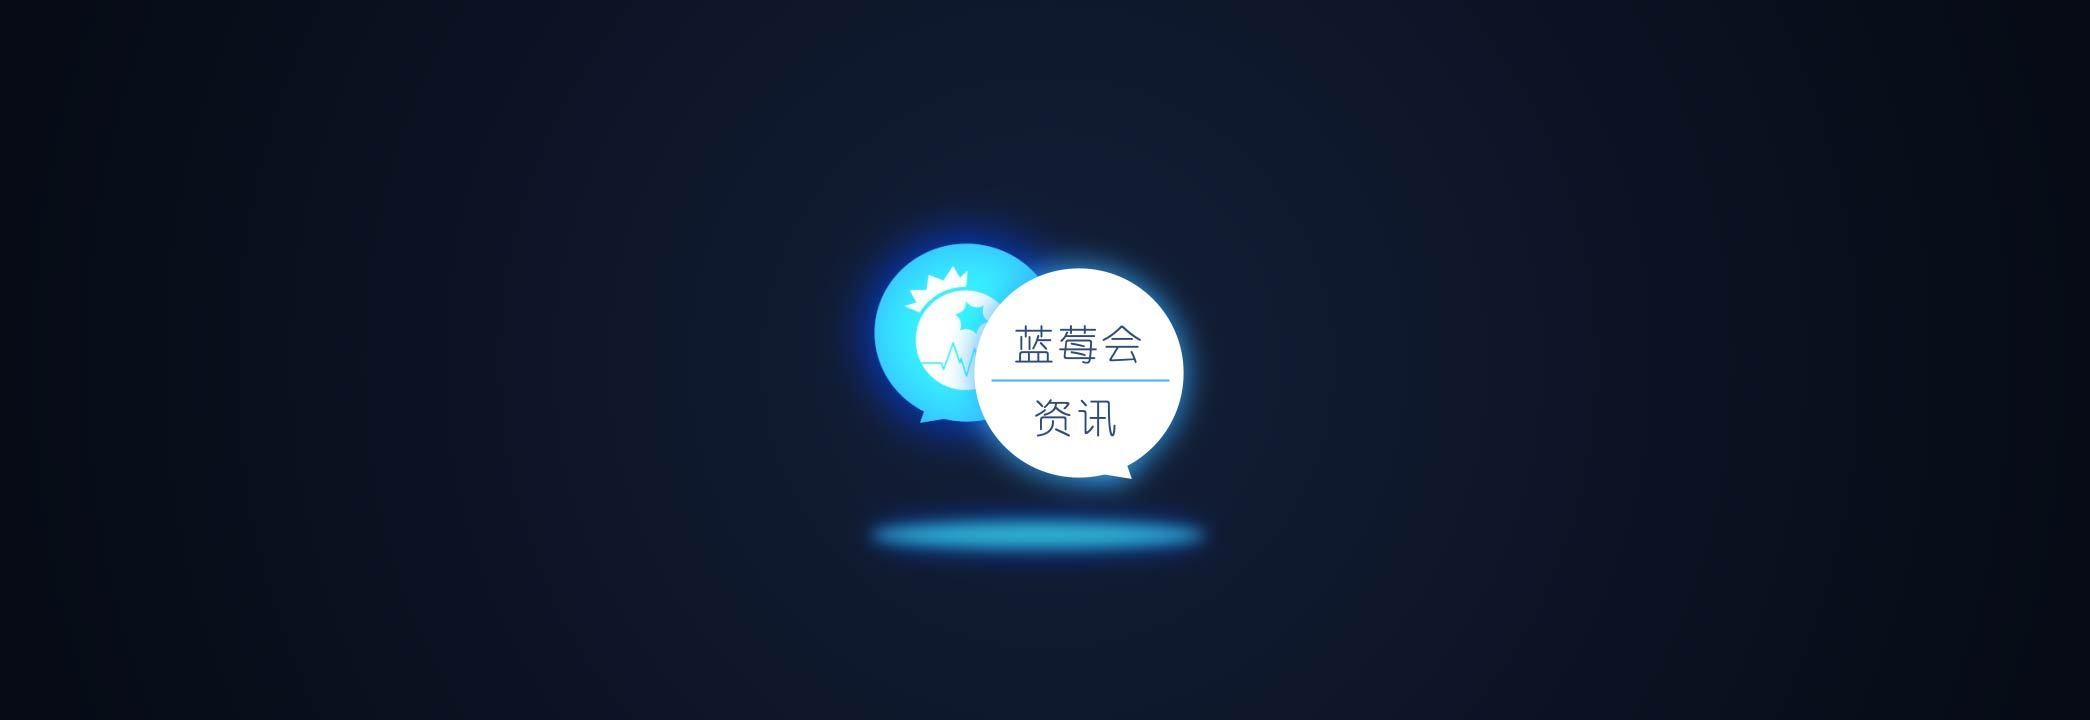 视频APP小视现场动画 MG蓝莓锦发布频羊图片